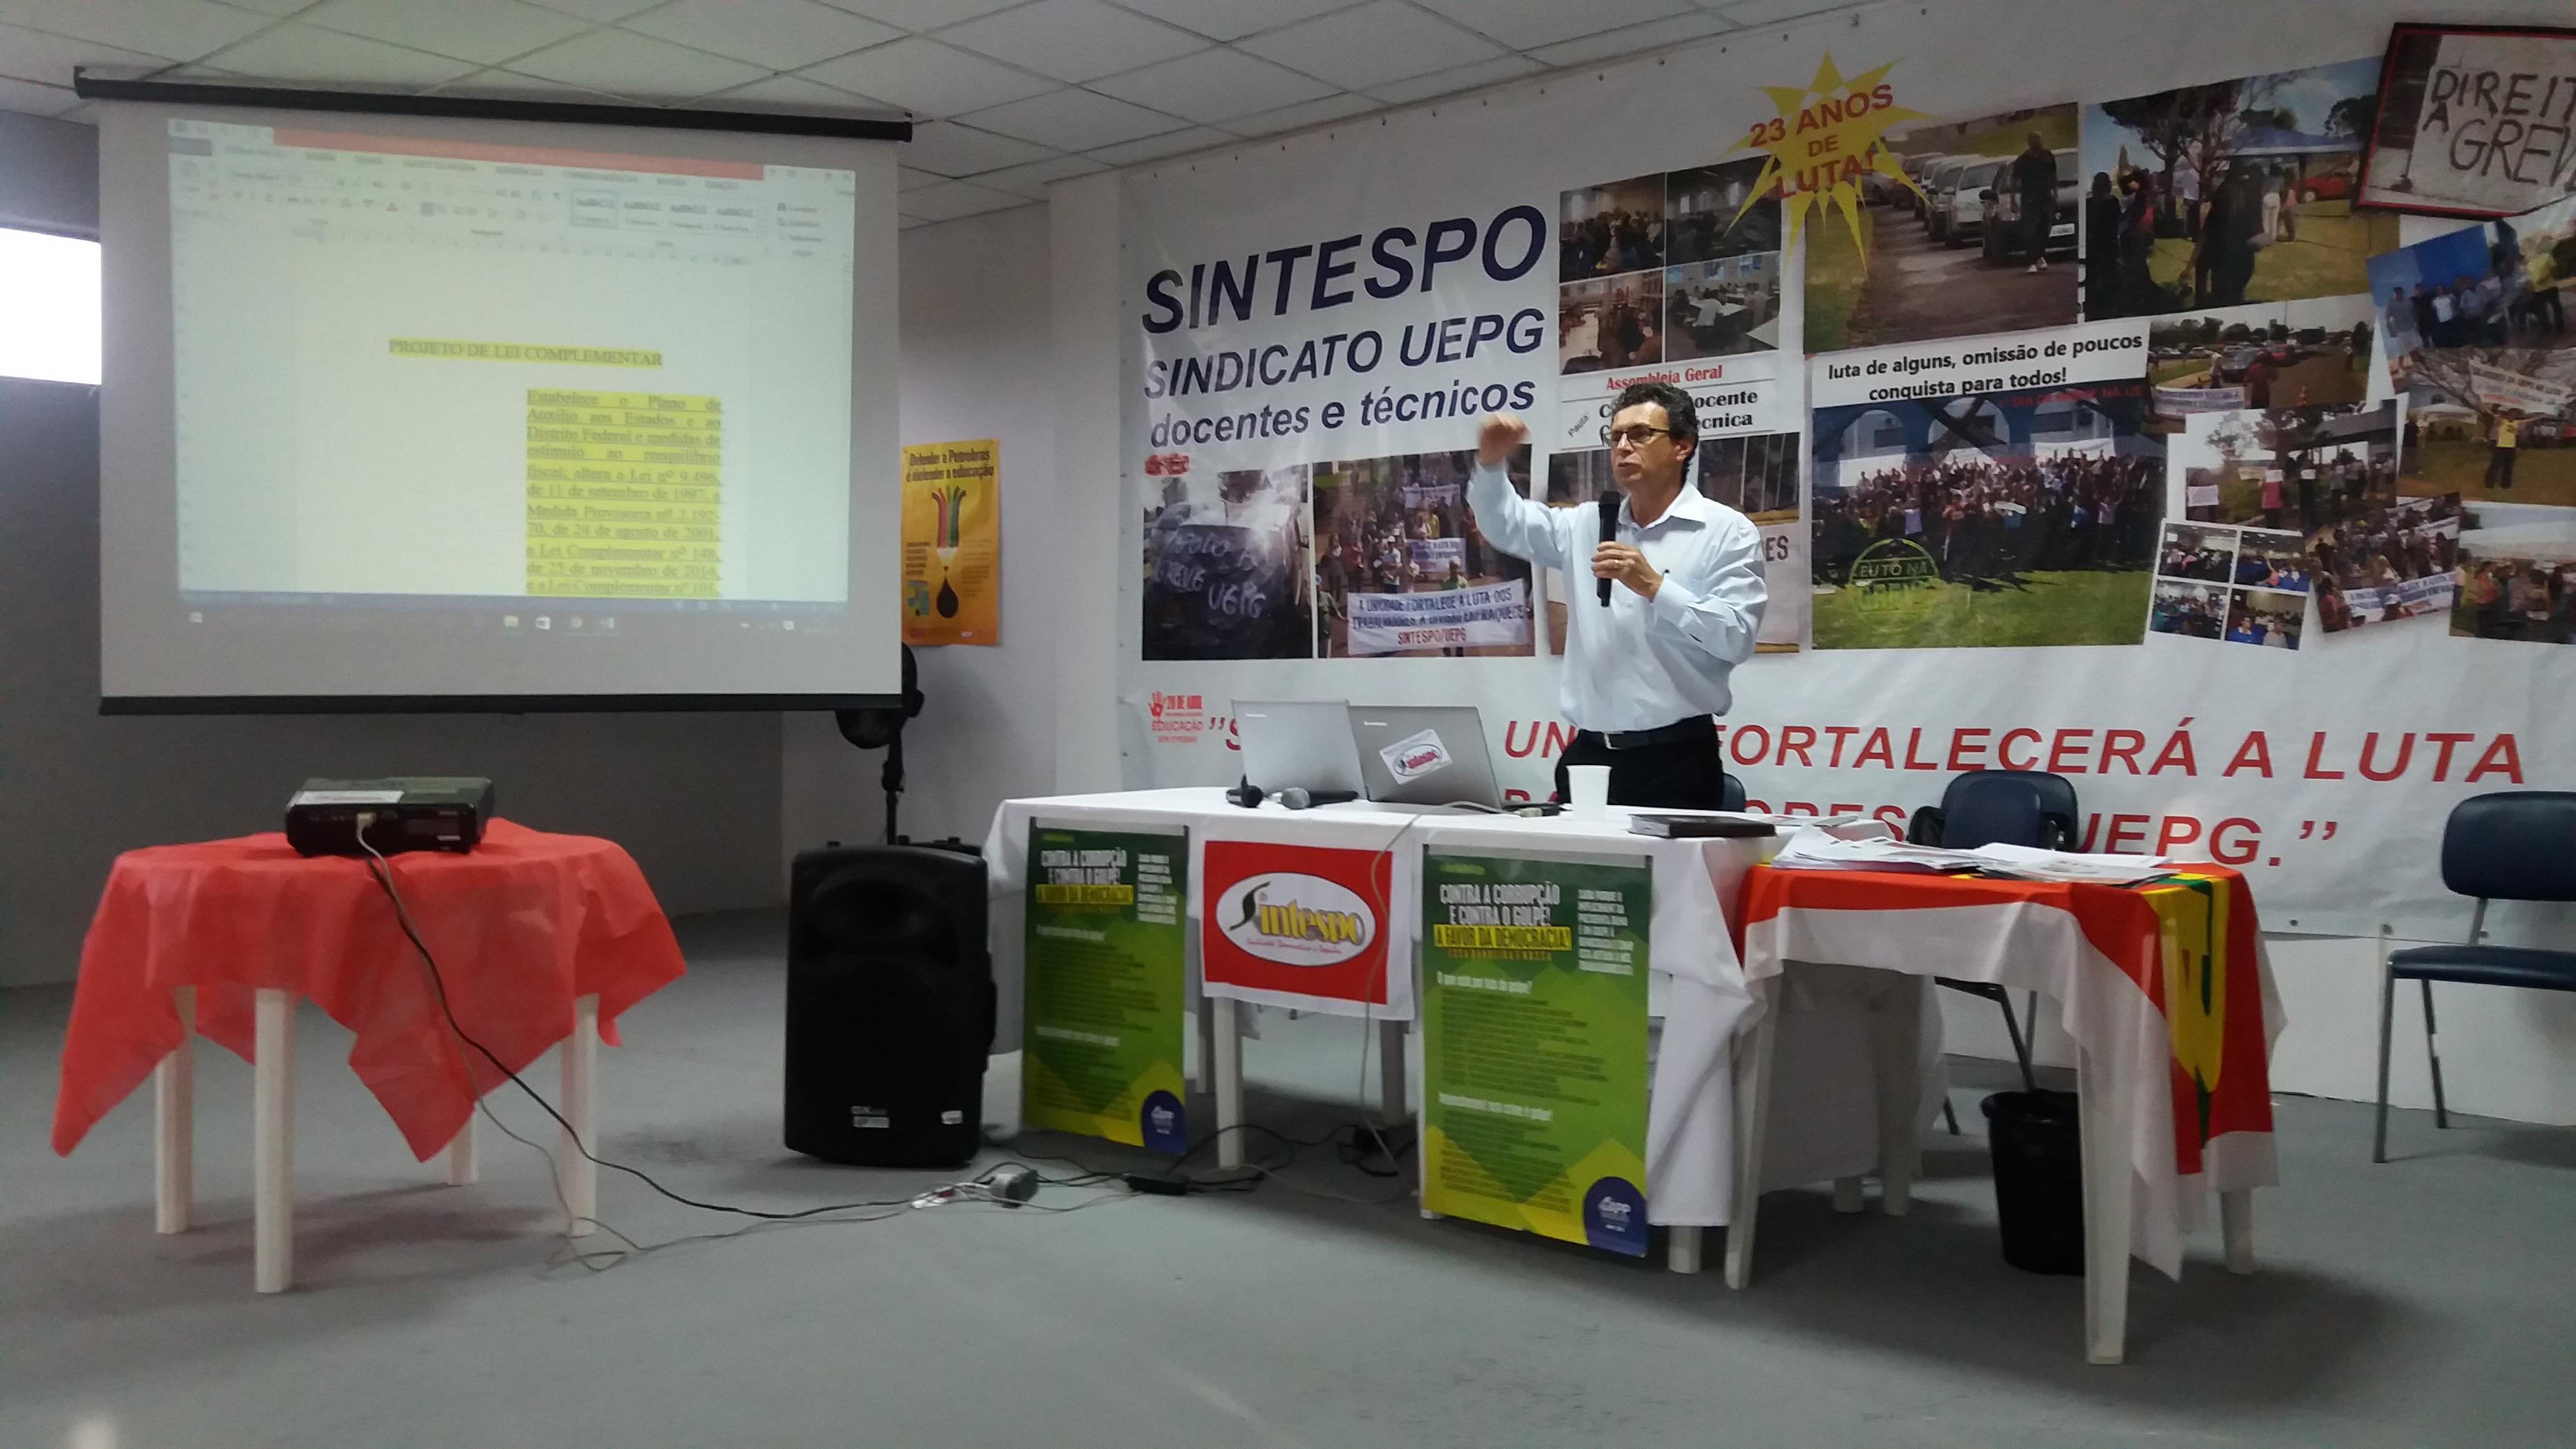 SINTESPO realiza palestra sobre ataques aos direitos trabalhistas